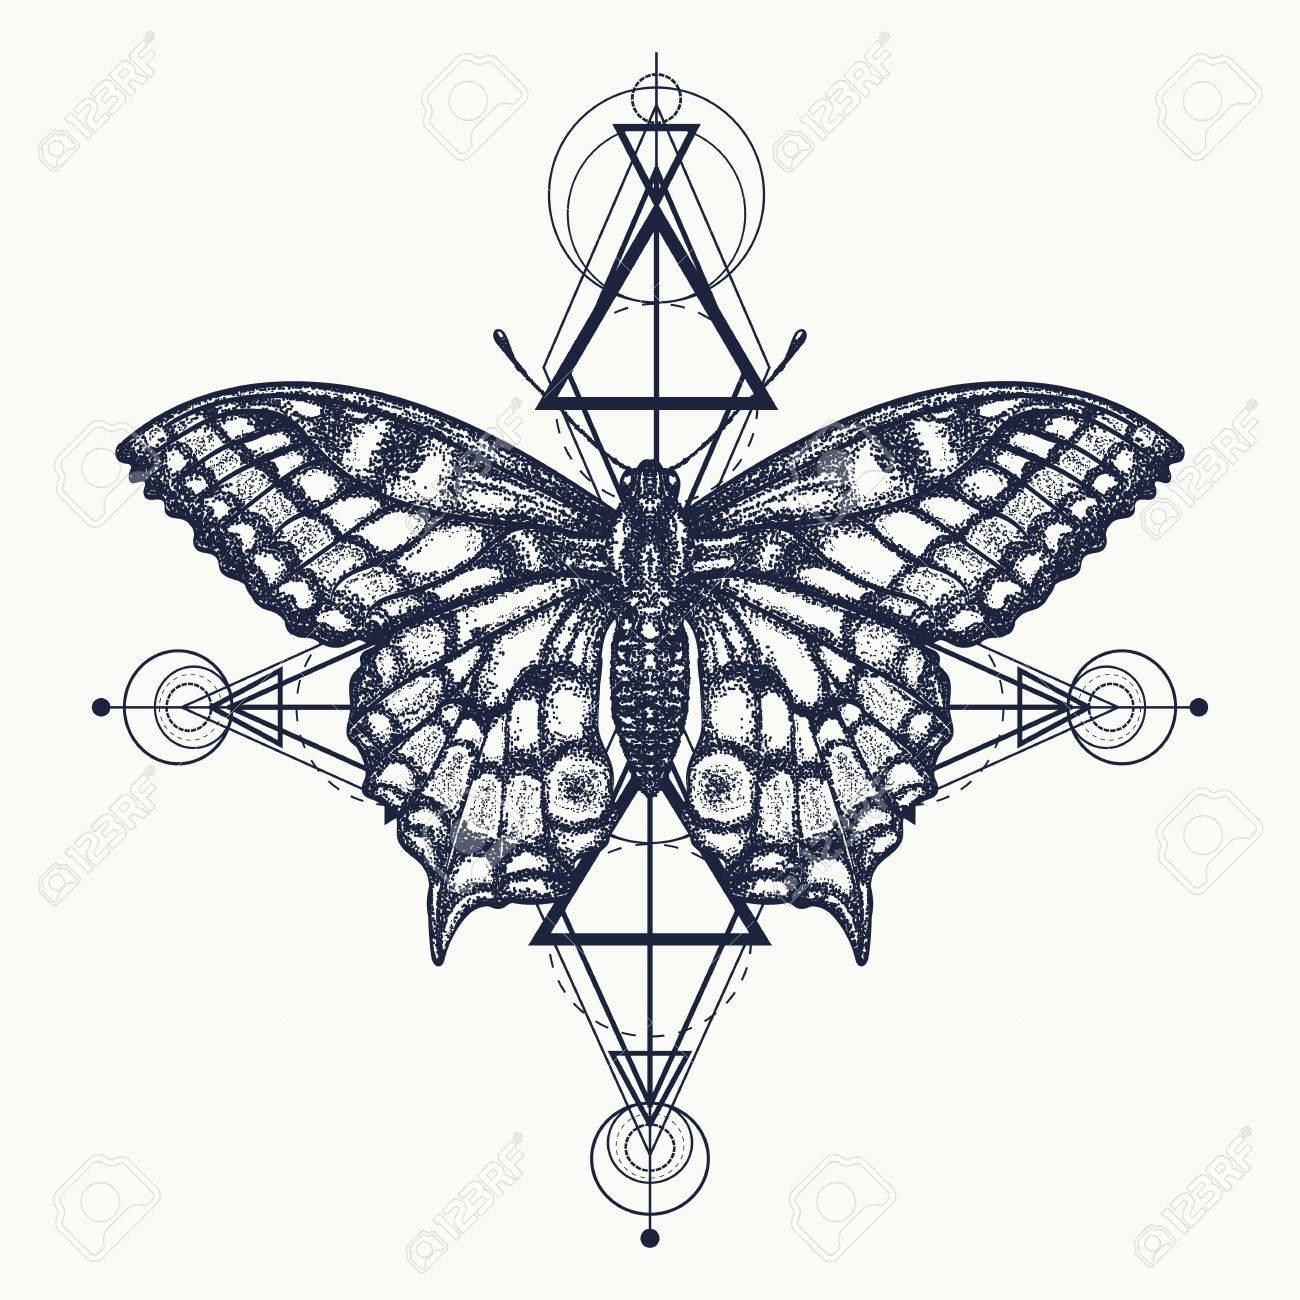 212608b05 Butterfly tattoo, geometrical style. Beautiful Swallowtail boho t-shirt  design. Mystical symbol